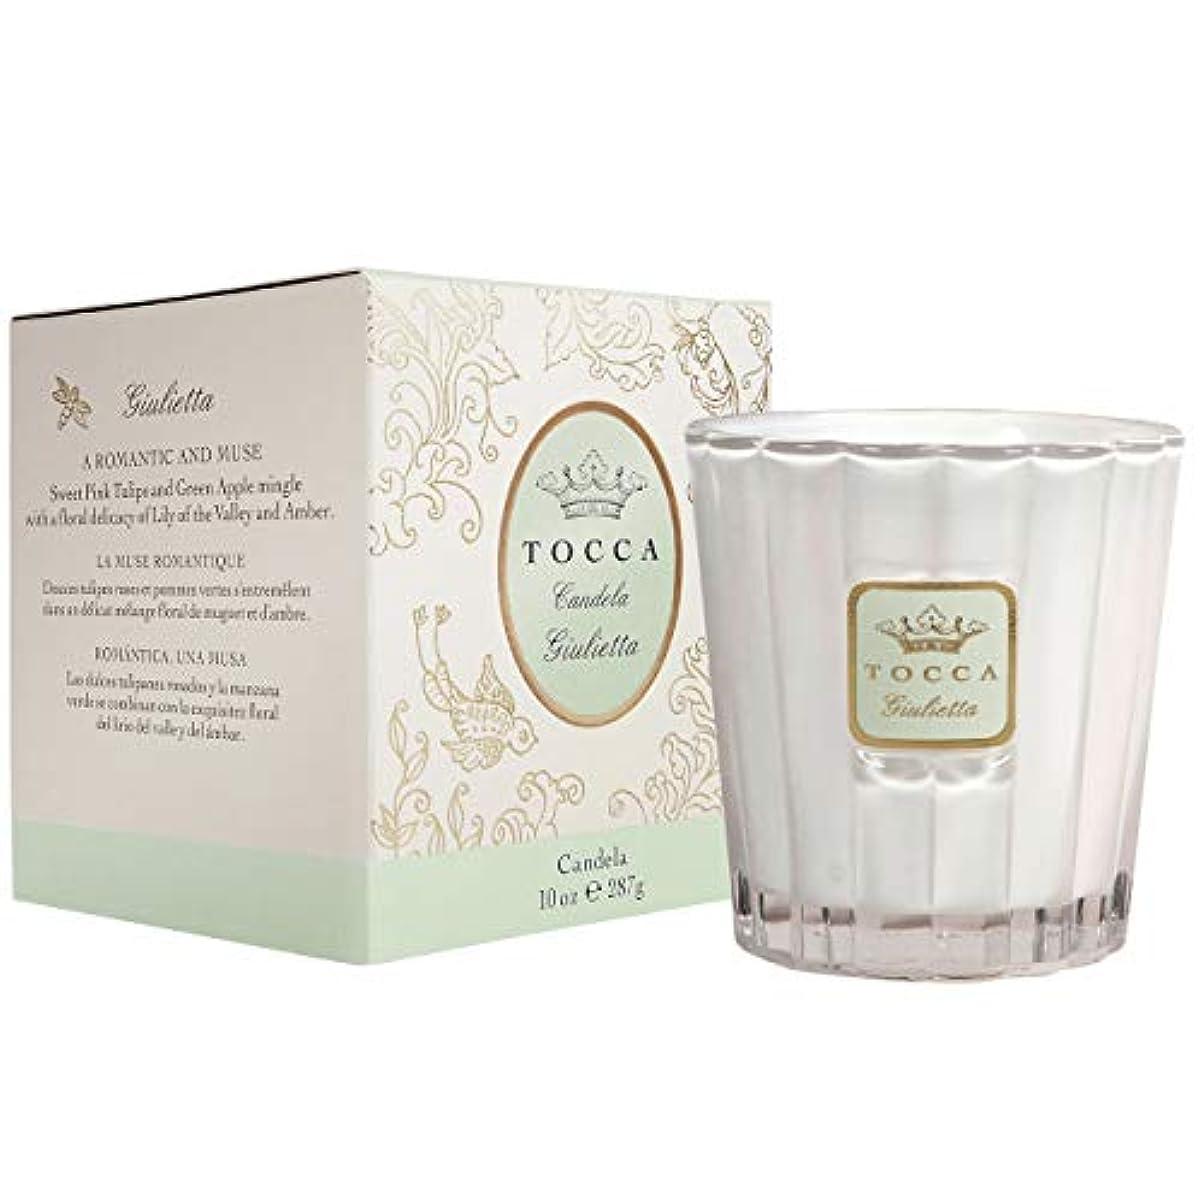 所持担保真鍮トッカ(TOCCA) キャンドル ジュリエッタの香り 約287g (ろうそく 爽やかで甘い香り)